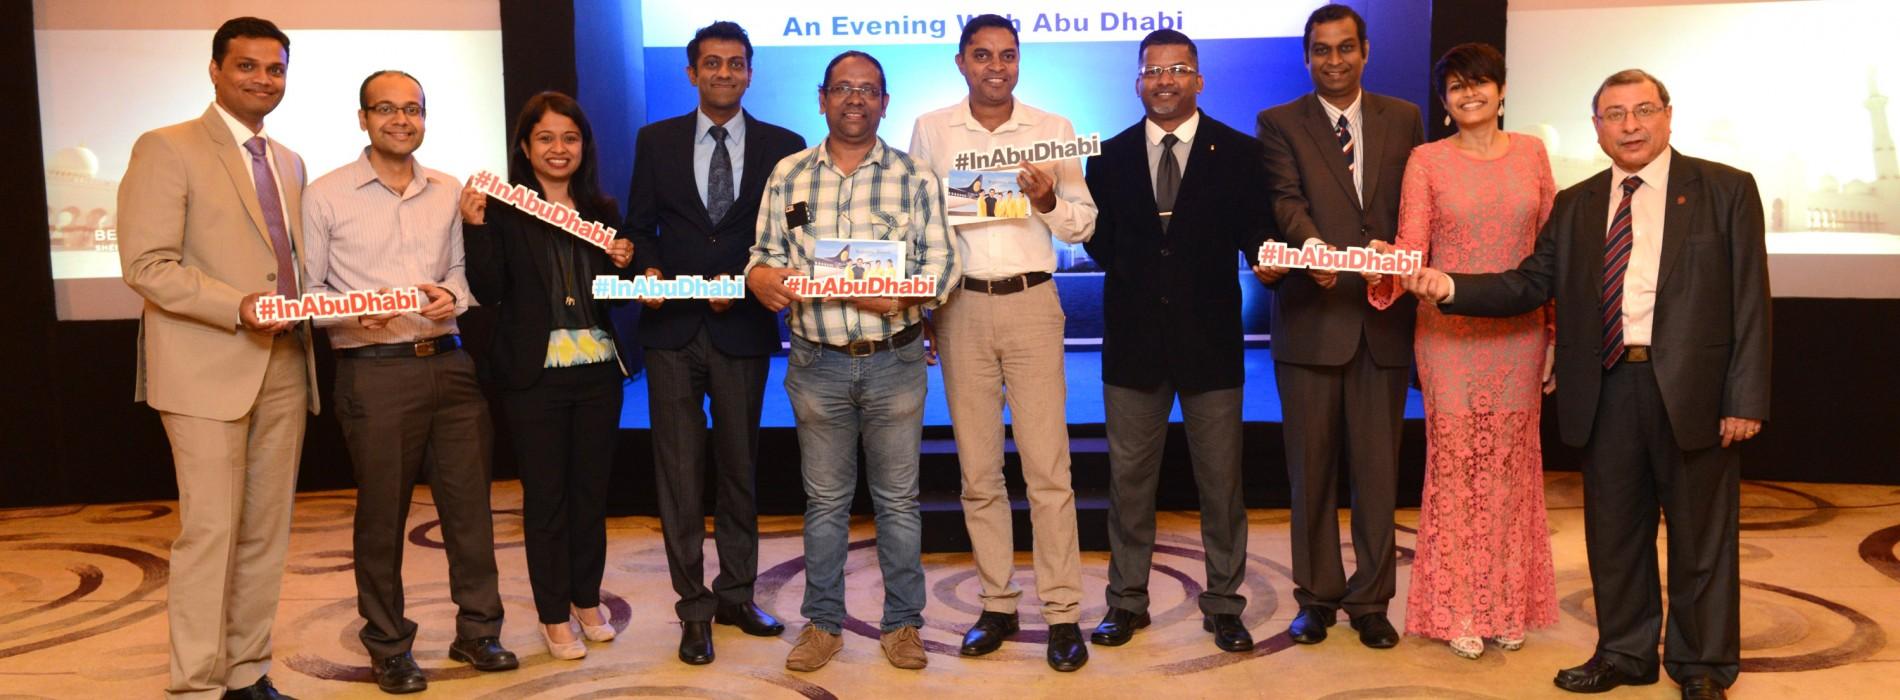 Destination Abu Dhabi Targets Goa as Emerging Outbound Gateway